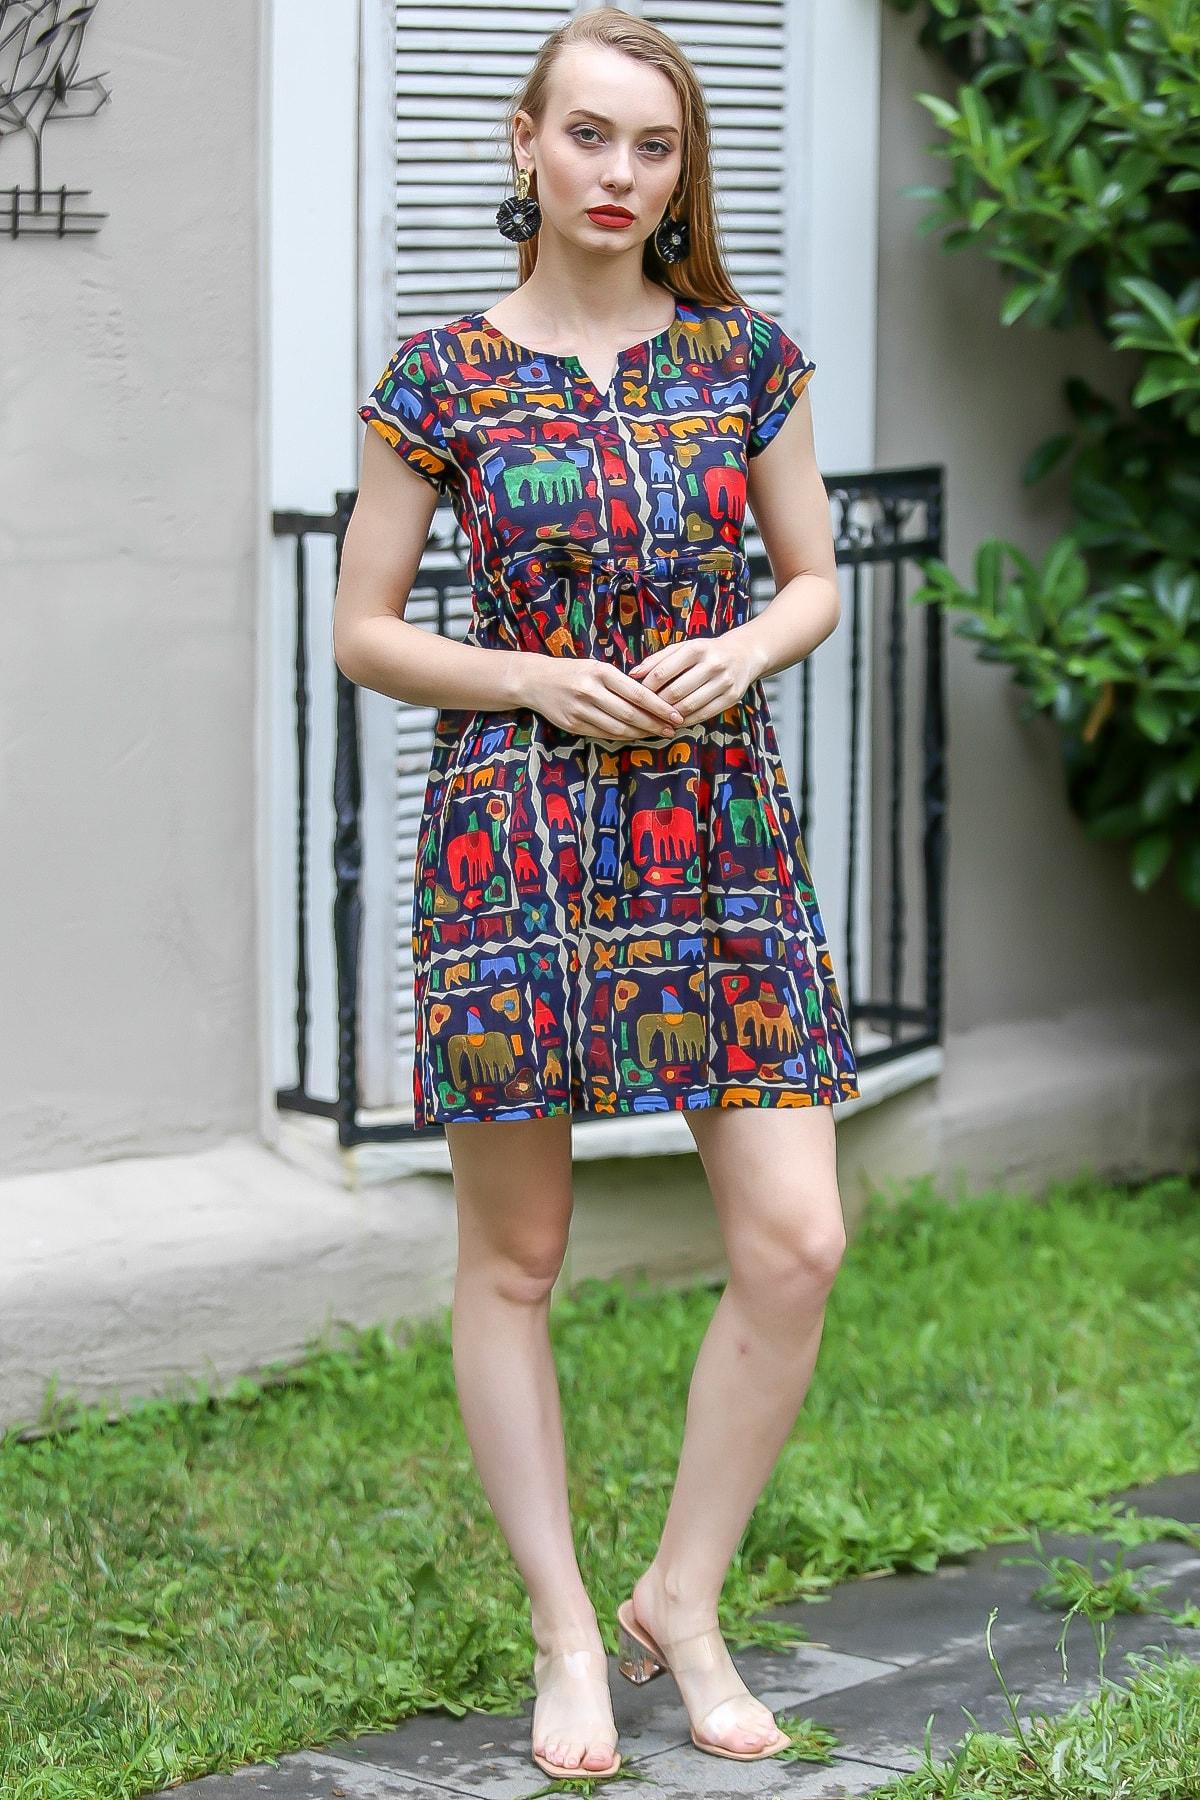 Chiccy Kadın Siyah Bohem Fil Baskılı Robadan Büzgülü Tunik Elbise M10160000EL96690 2